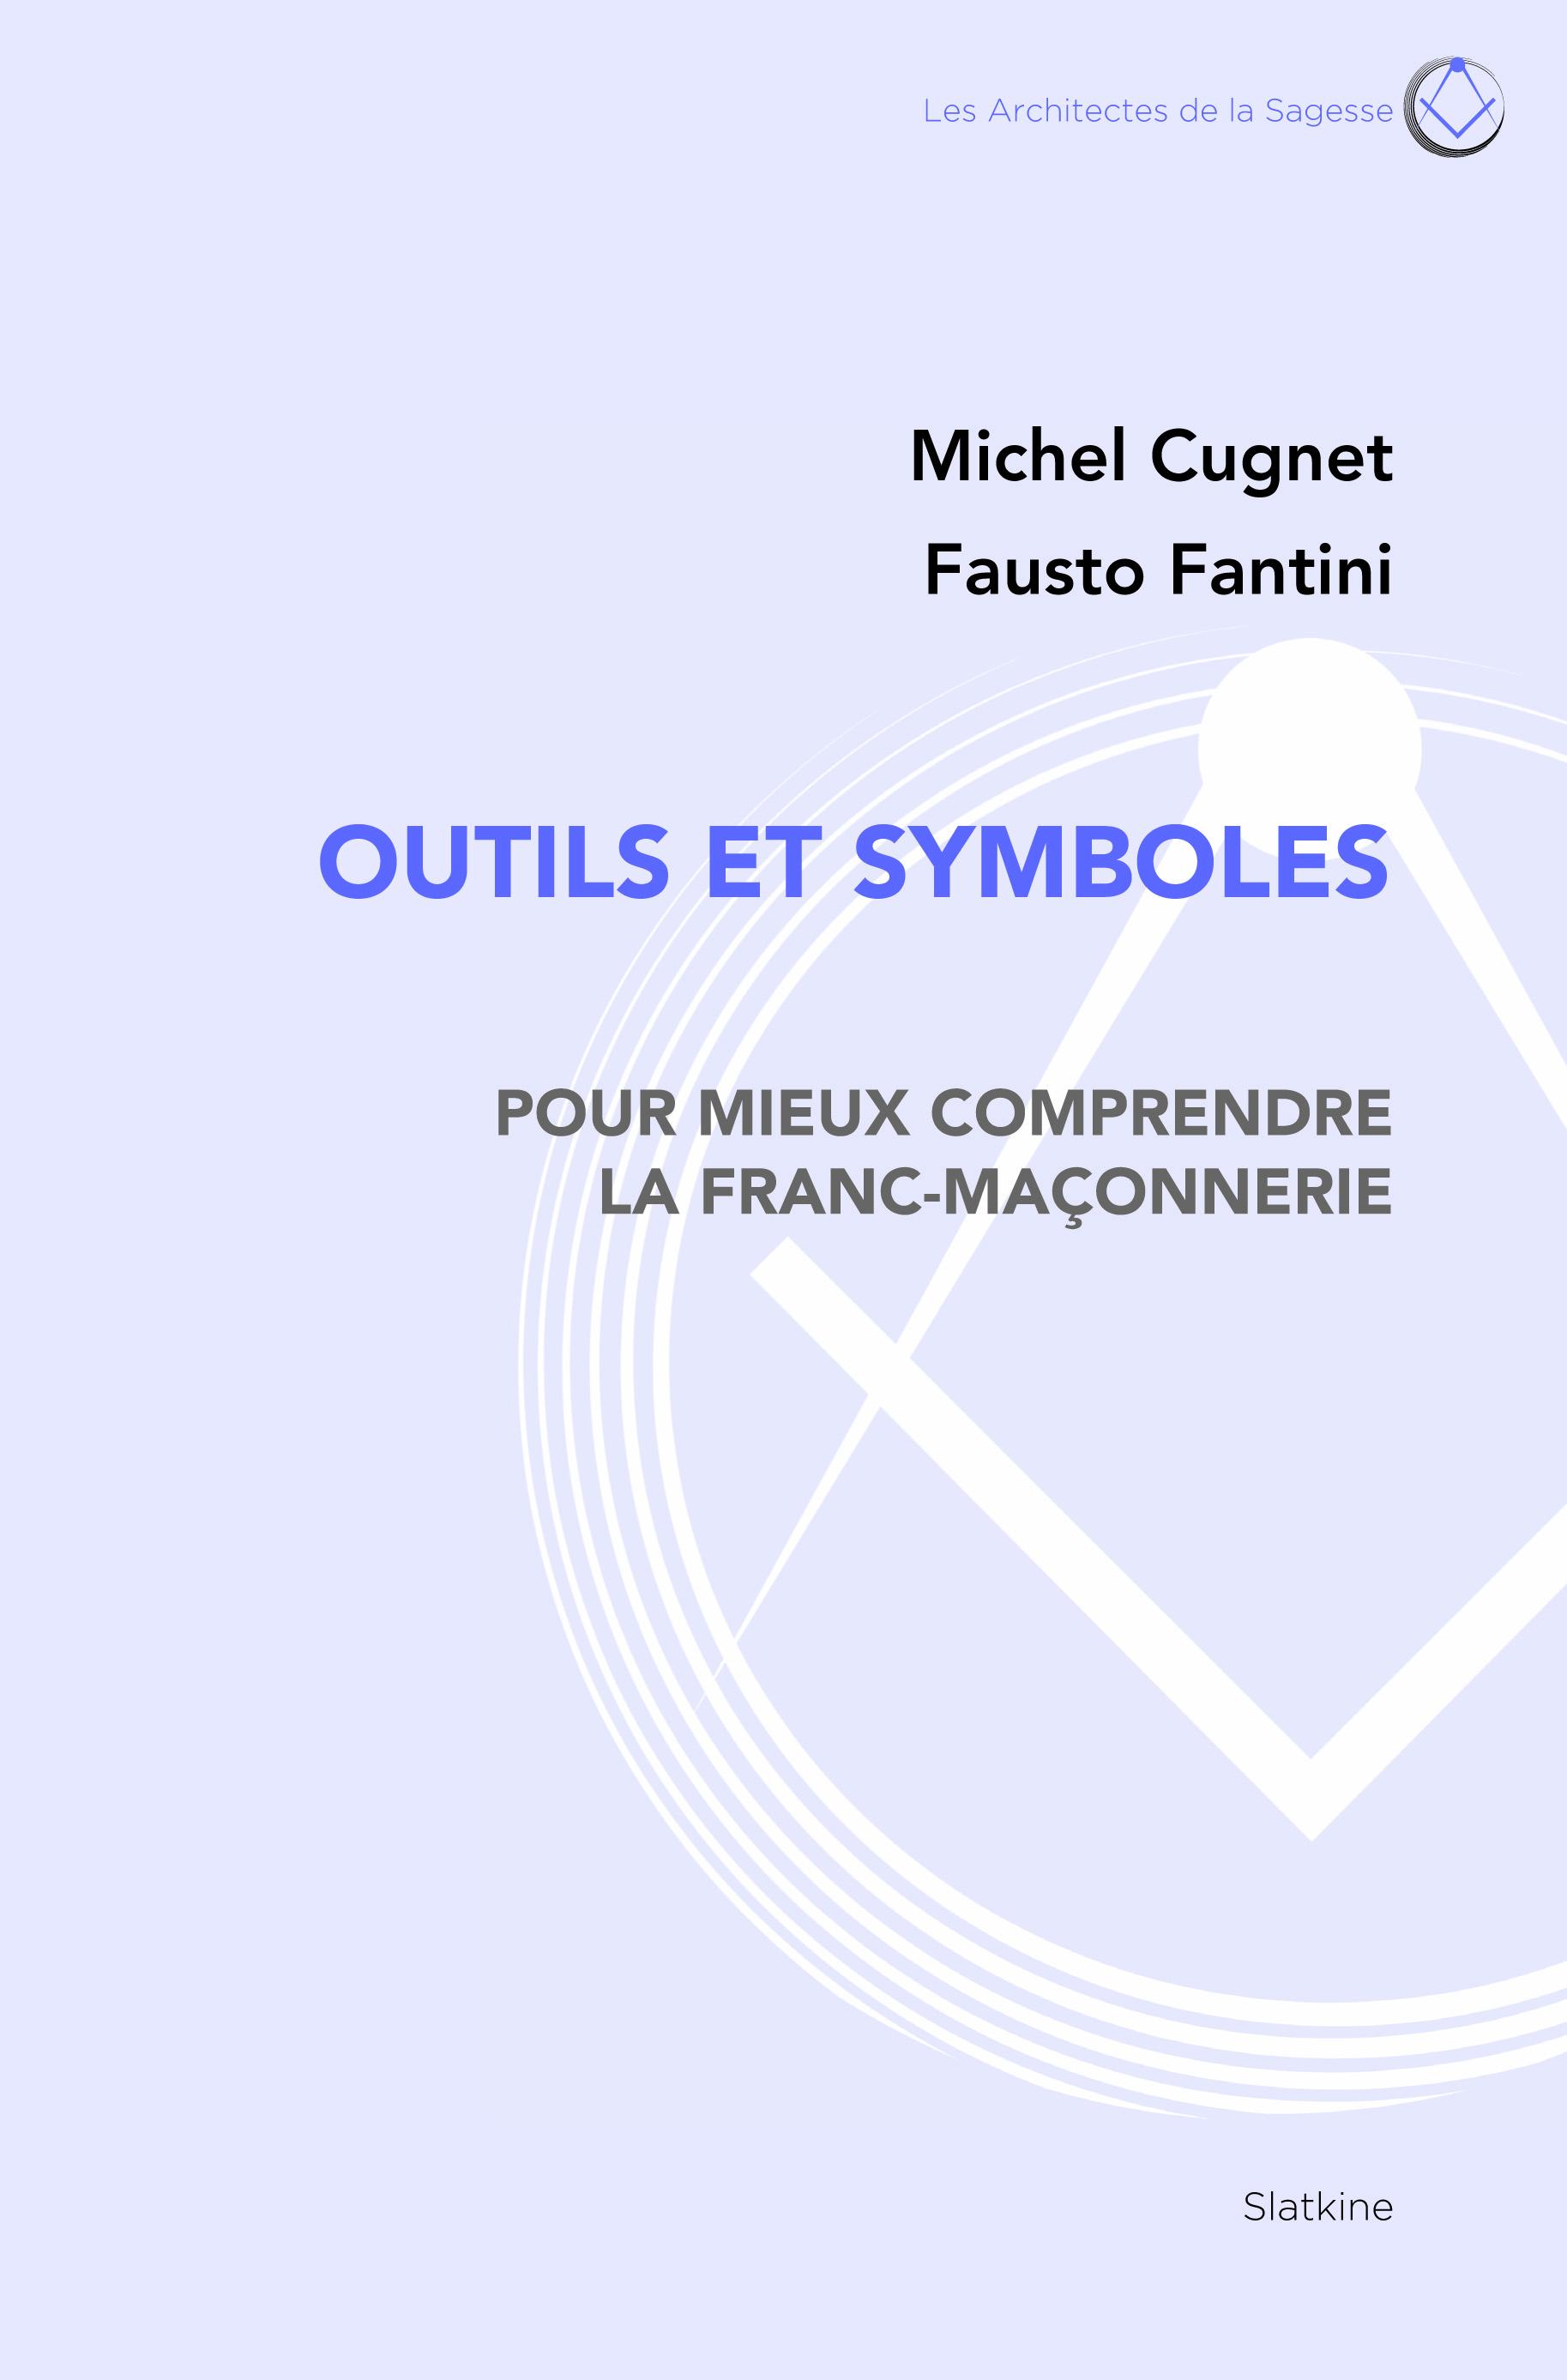 franc-maçonnerie-livre-symboles-outils-ésotérisme